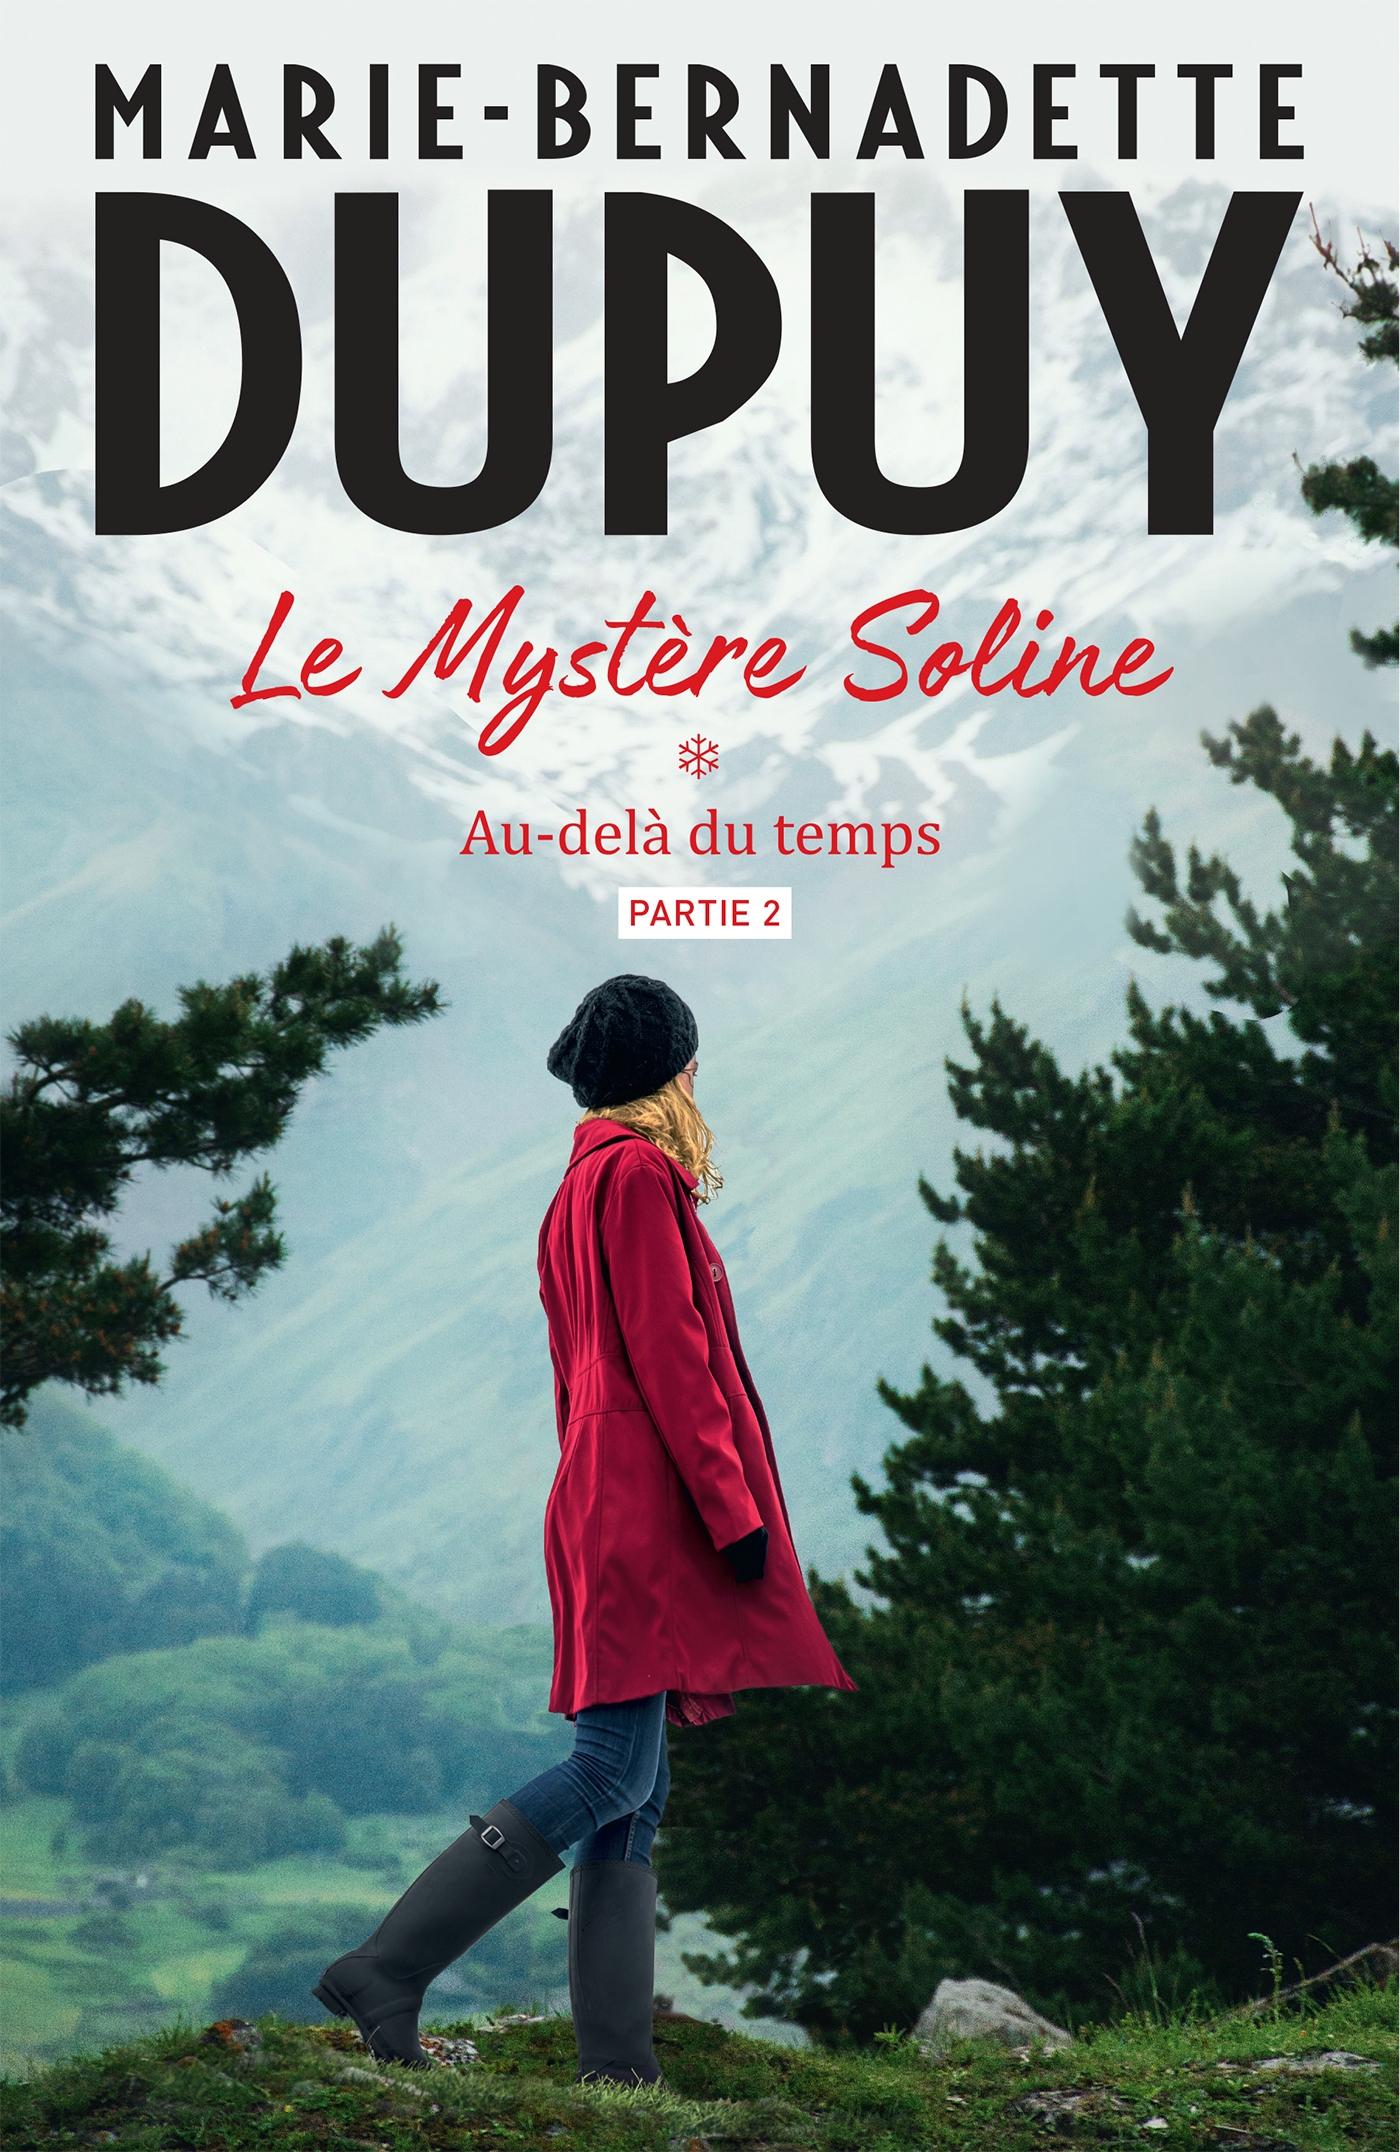 Le Mystère Soline, T1 - Au-delà du temps - partie 2 | Dupuy, Marie-Bernadette. Auteur